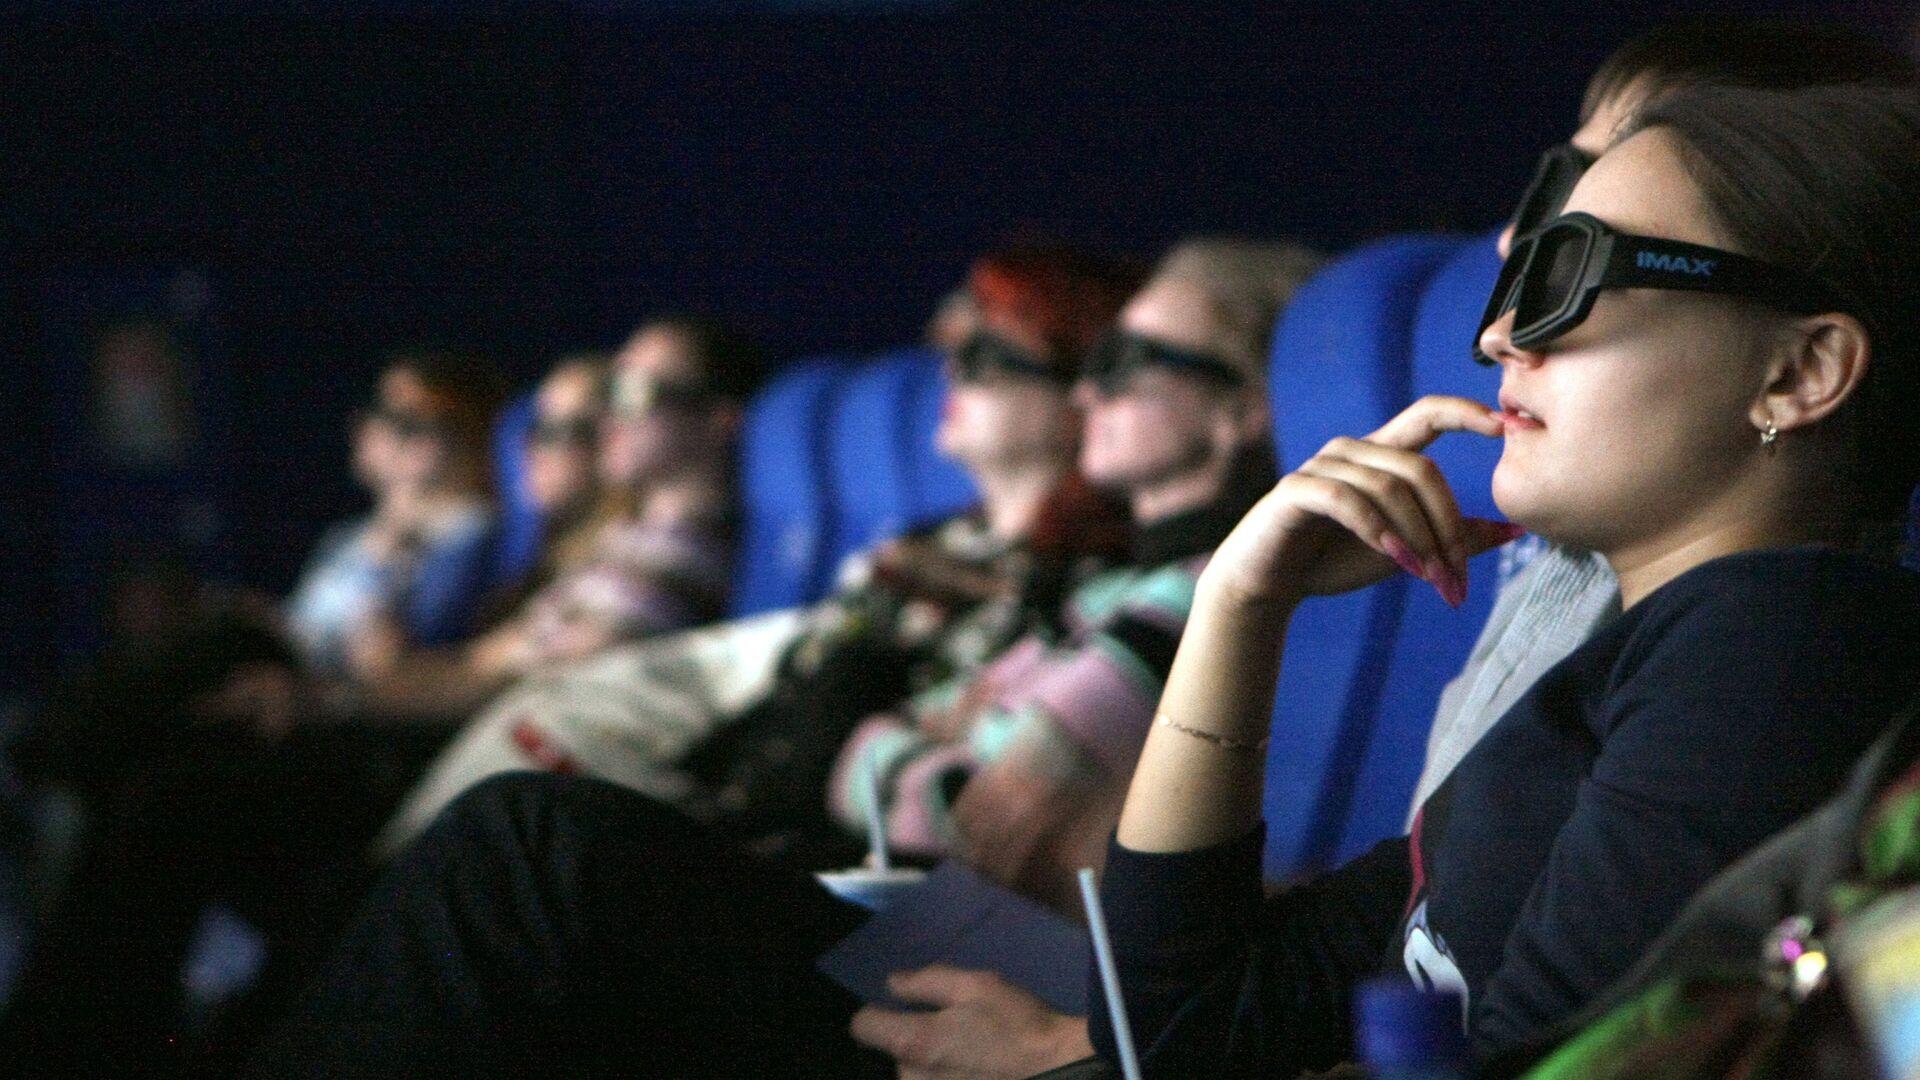 Зрители сидят в кинозале - Sputnik Таджикистан, 1920, 03.09.2021